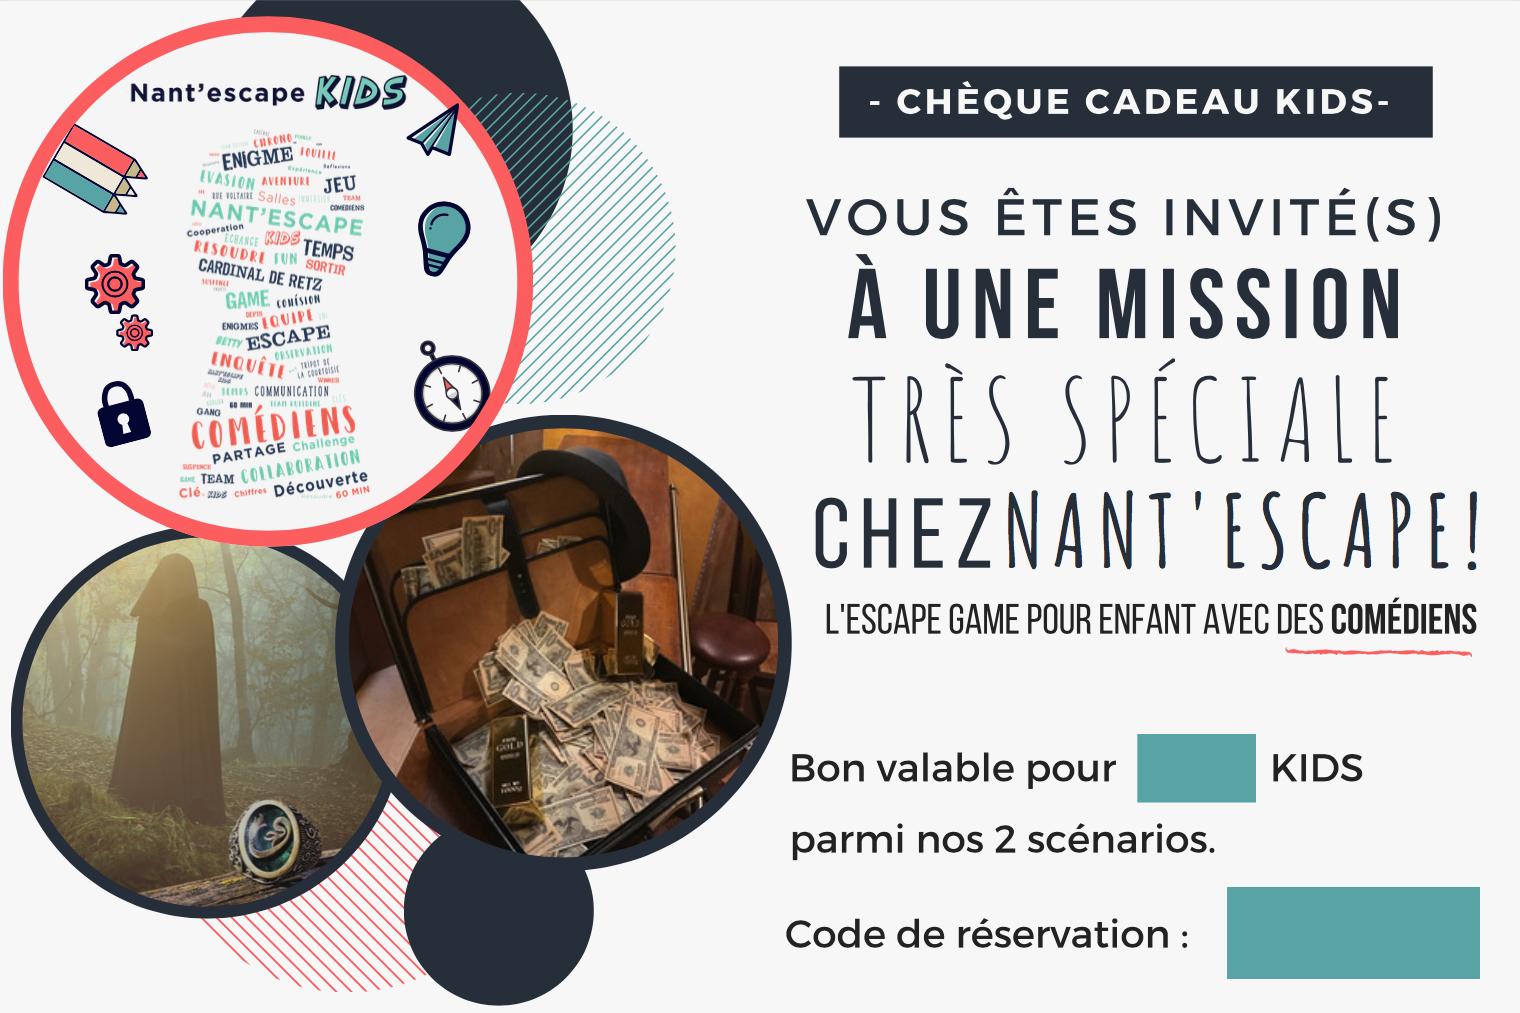 offrir - Nantes - chèque cadeau - enfants - kids - nant'escape - escape game - comédiens